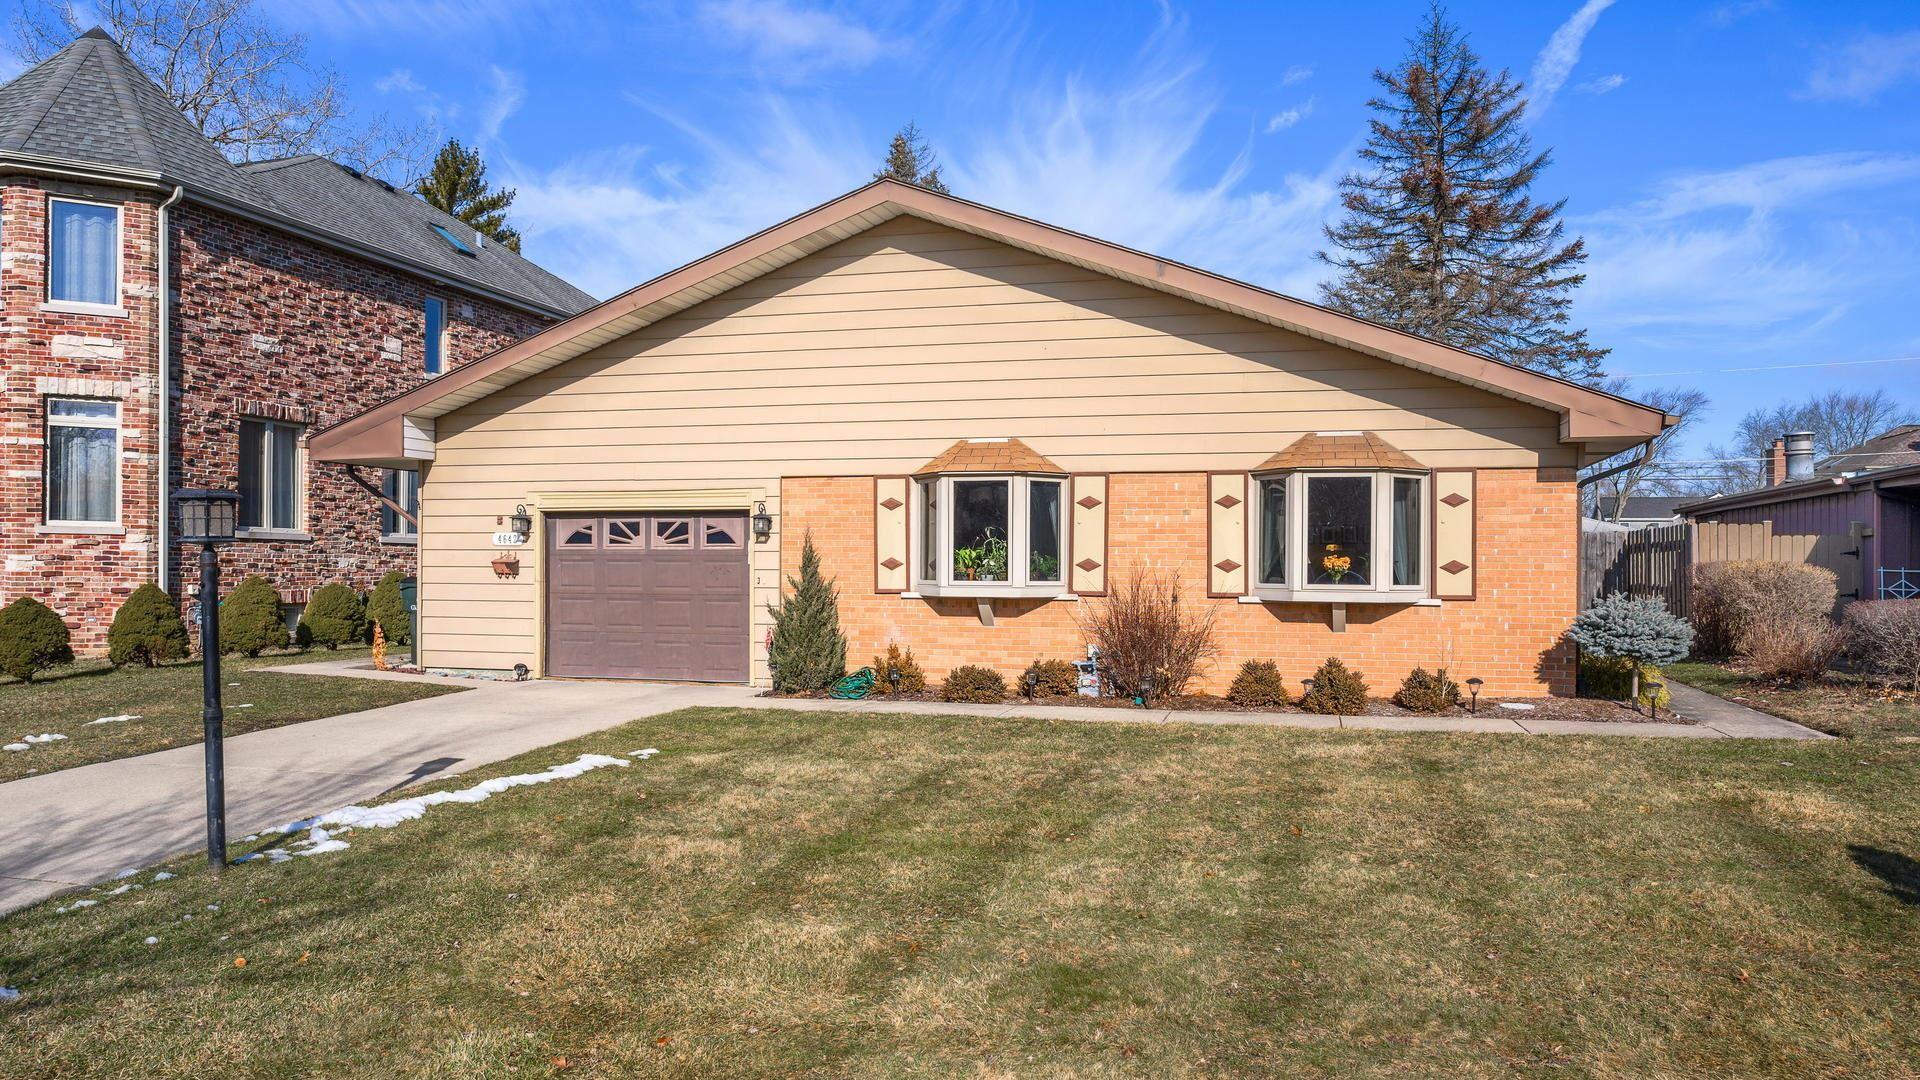 4642 Linden Avenue, Glenview, IL 60025 - #: 10669337